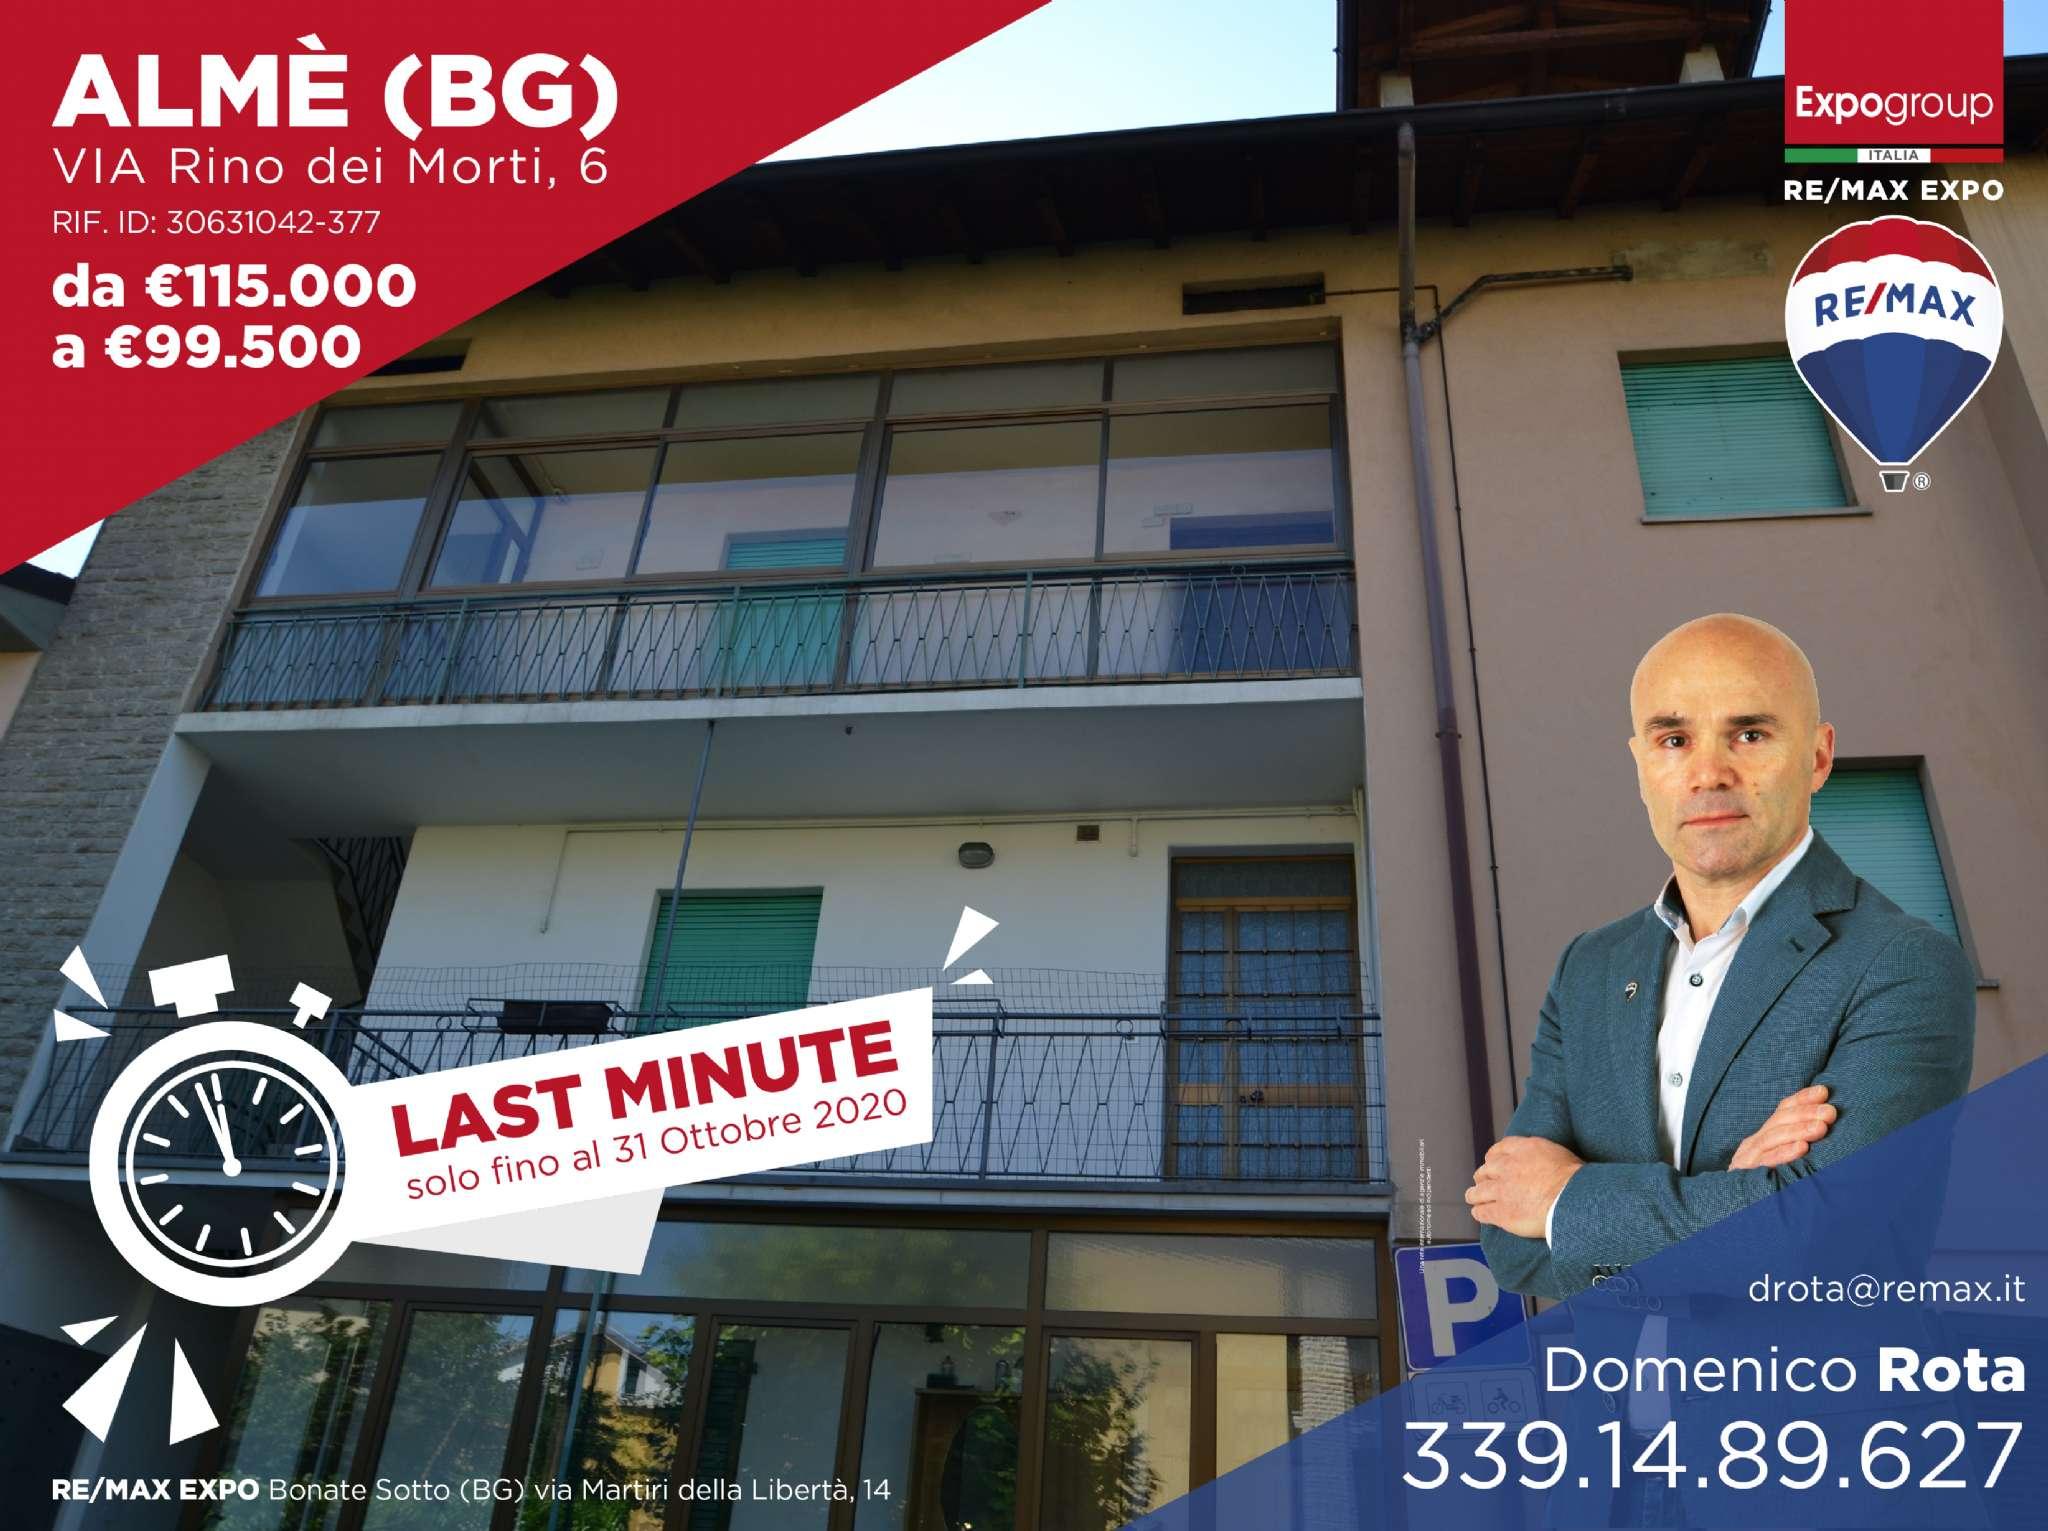 Appartamento in vendita a Almè, 4 locali, prezzo € 99.500   PortaleAgenzieImmobiliari.it